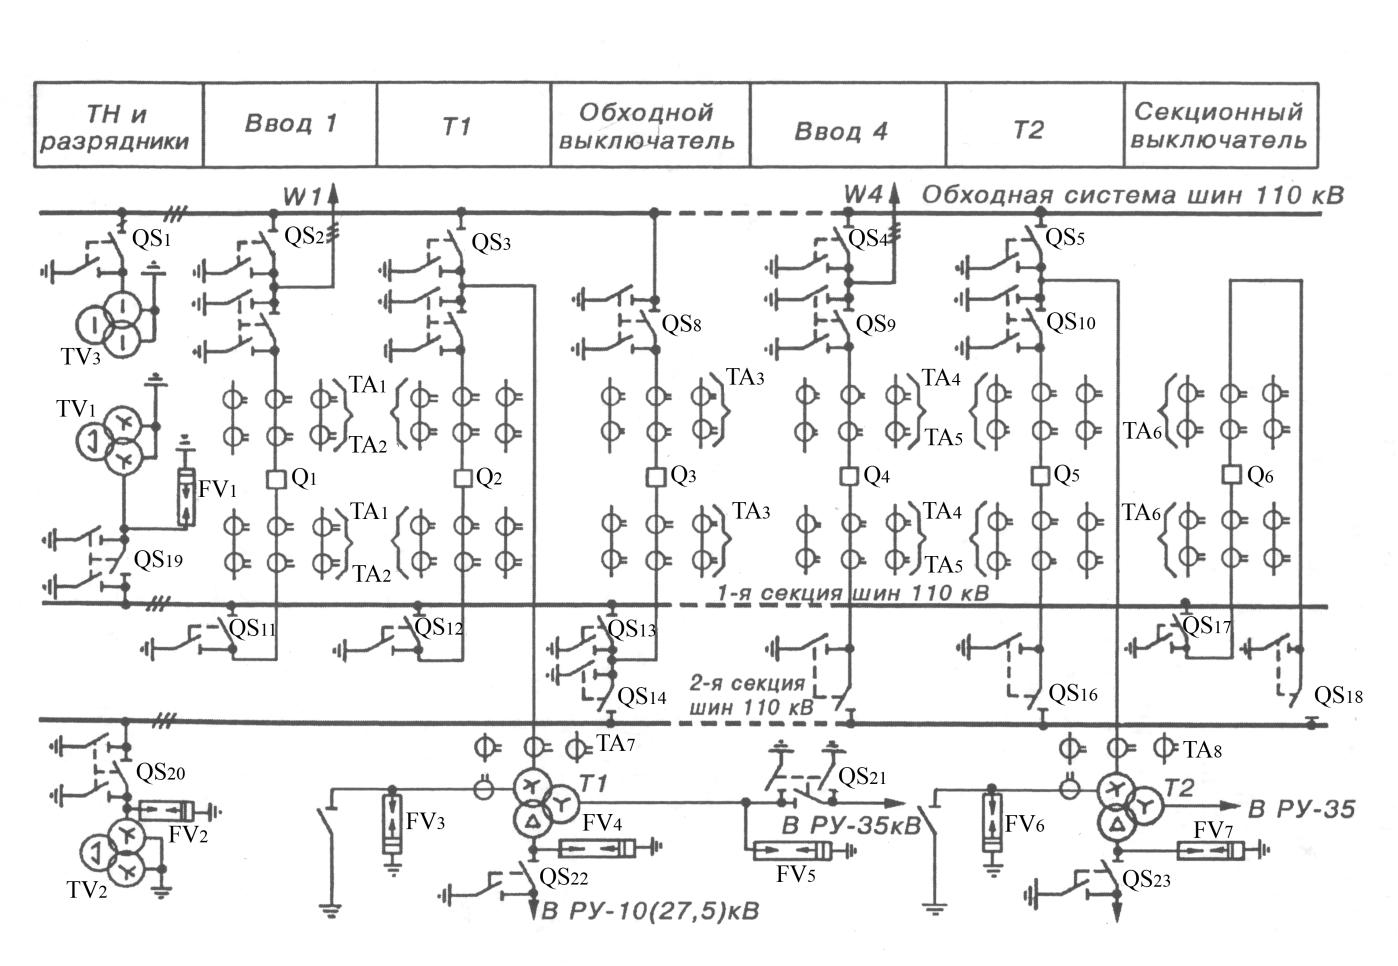 Схема однолинейной тяговой подстанции